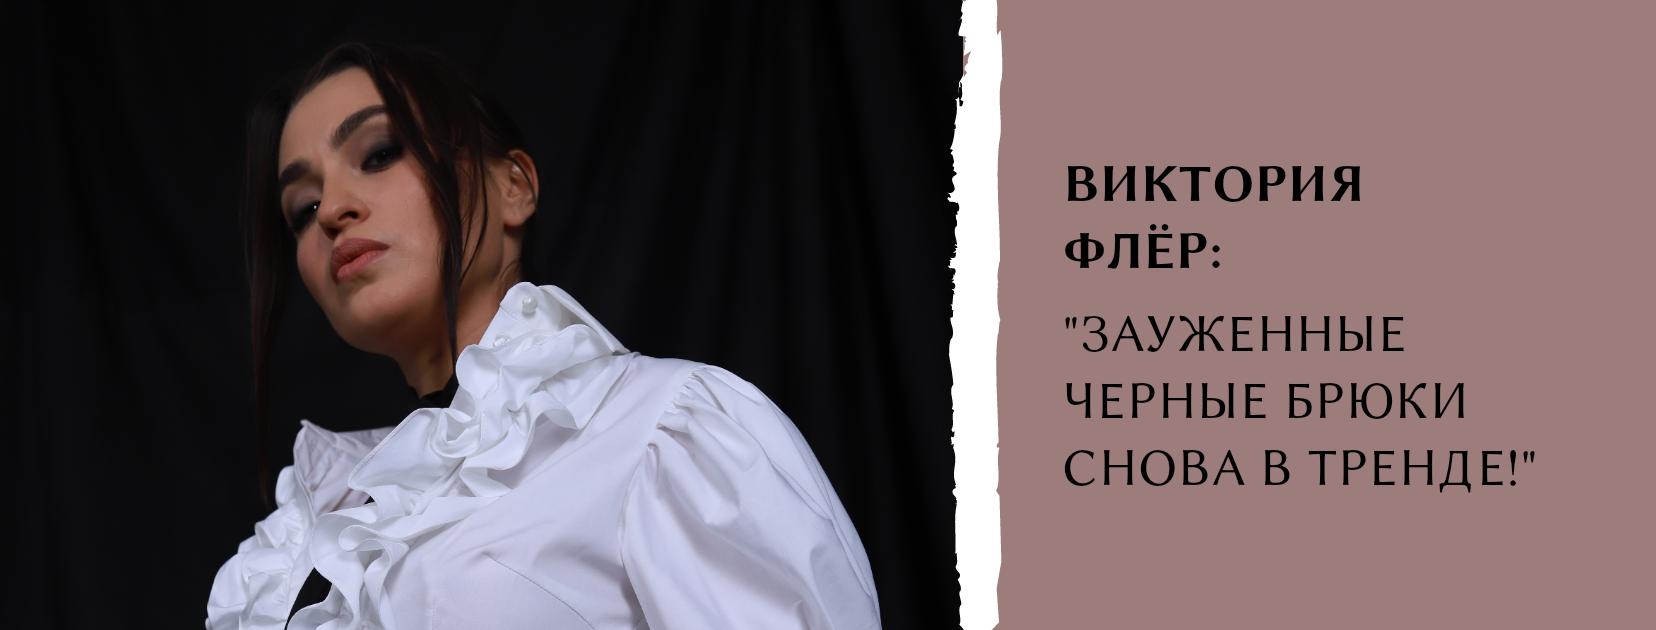 Виктория Флёр в ТК ЭКОПОЛИС premium